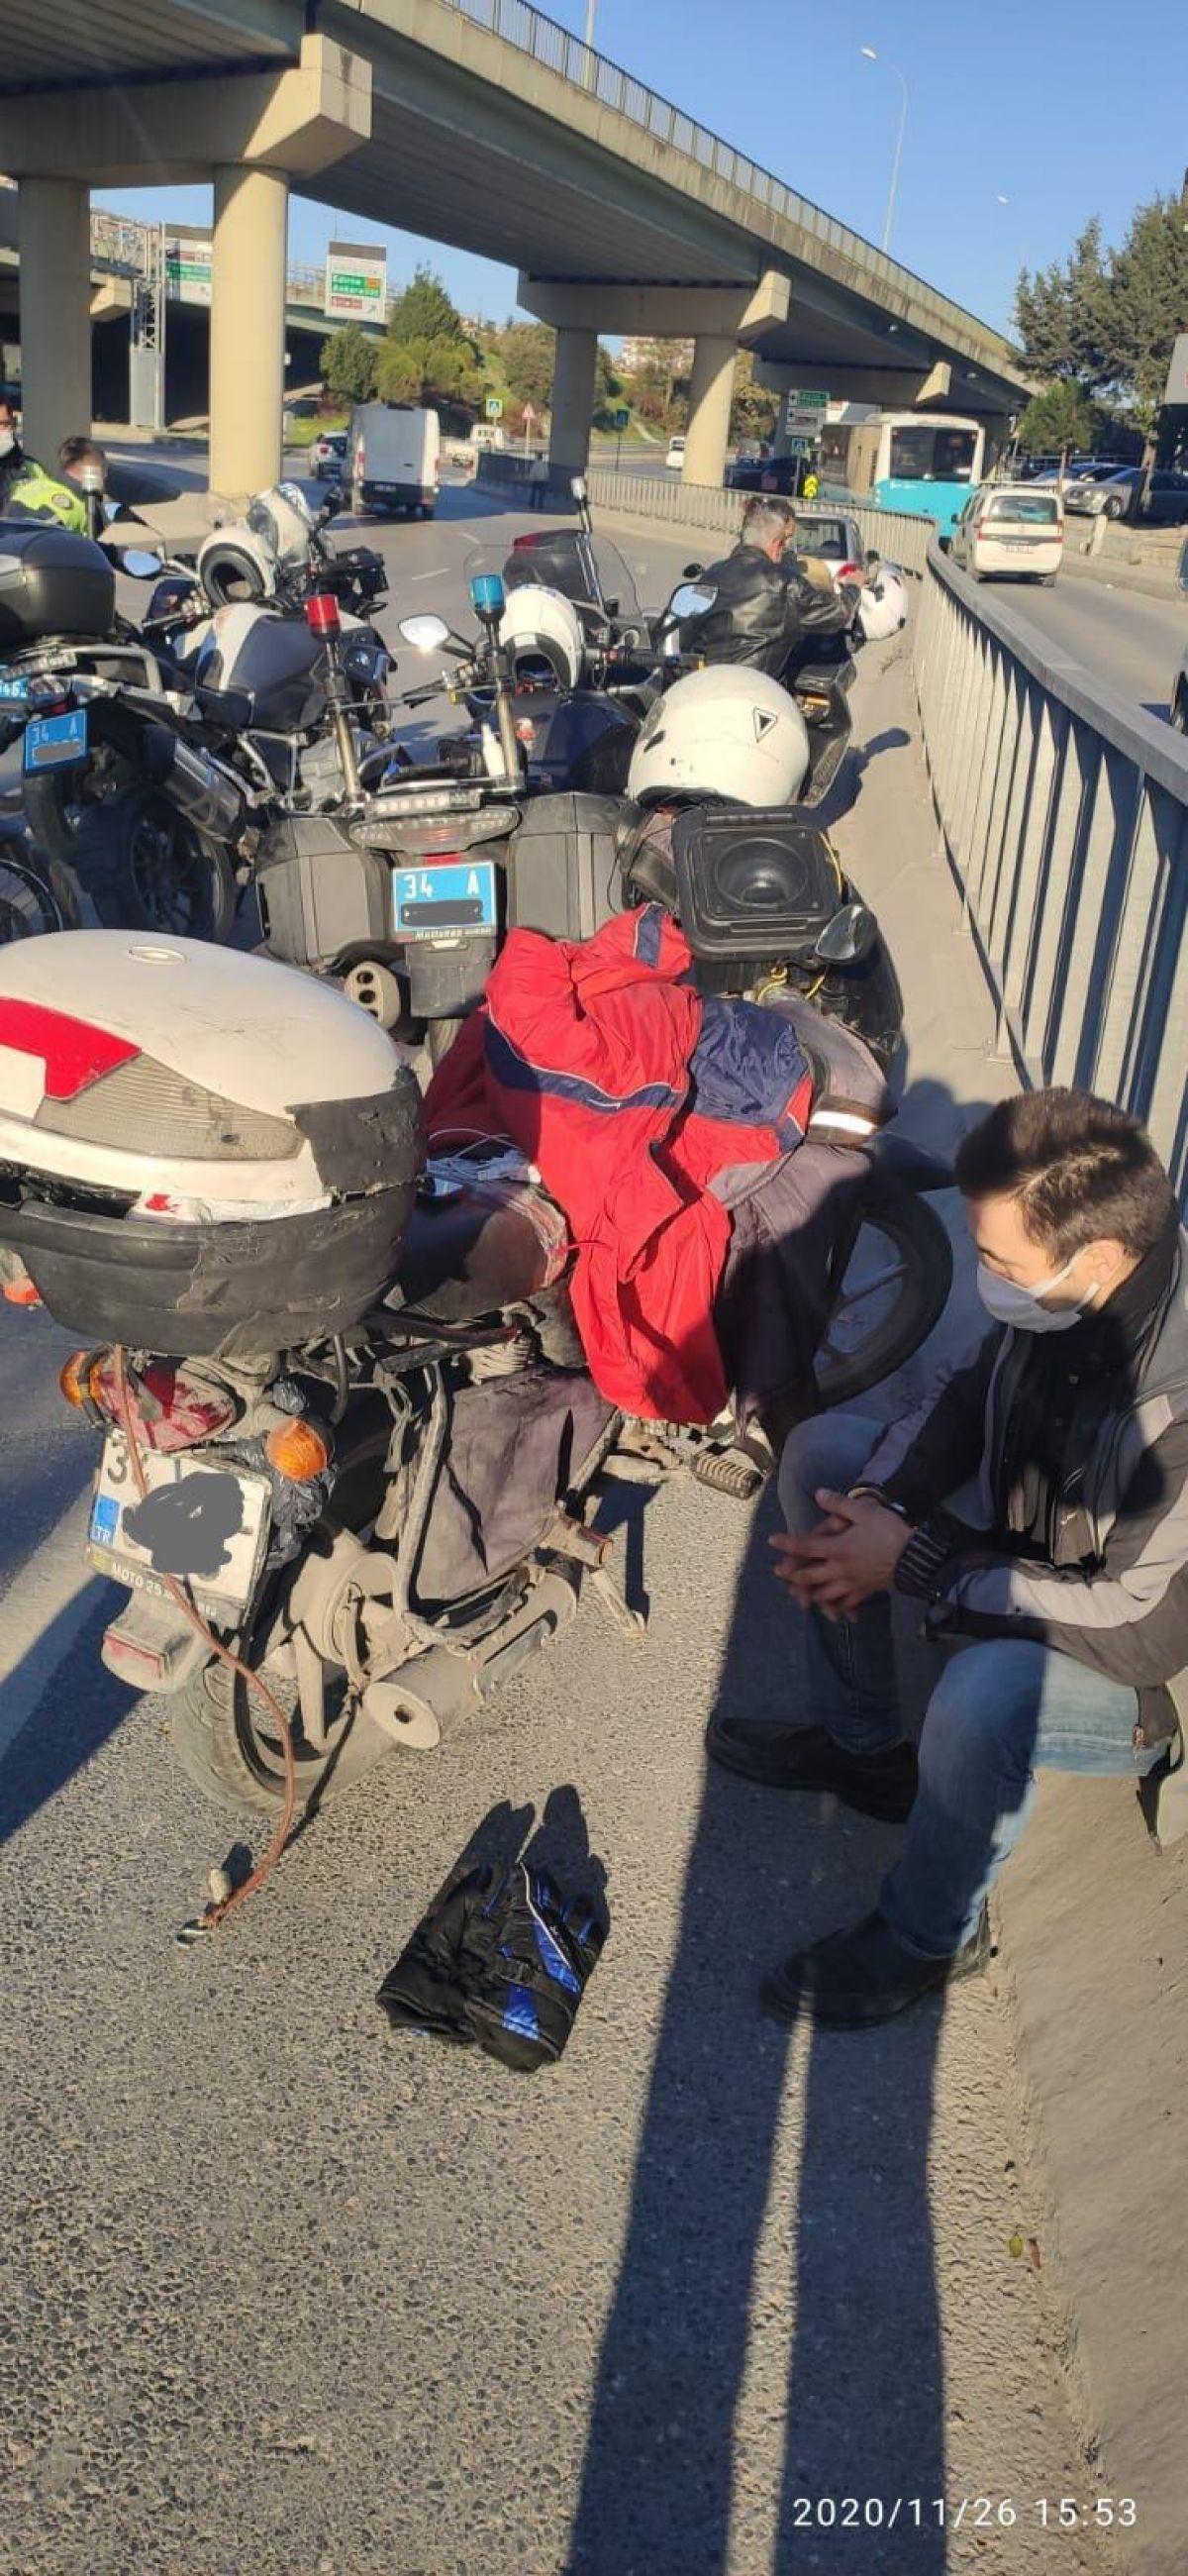 İstanbul daki motosikletli sapık yakalandı #2